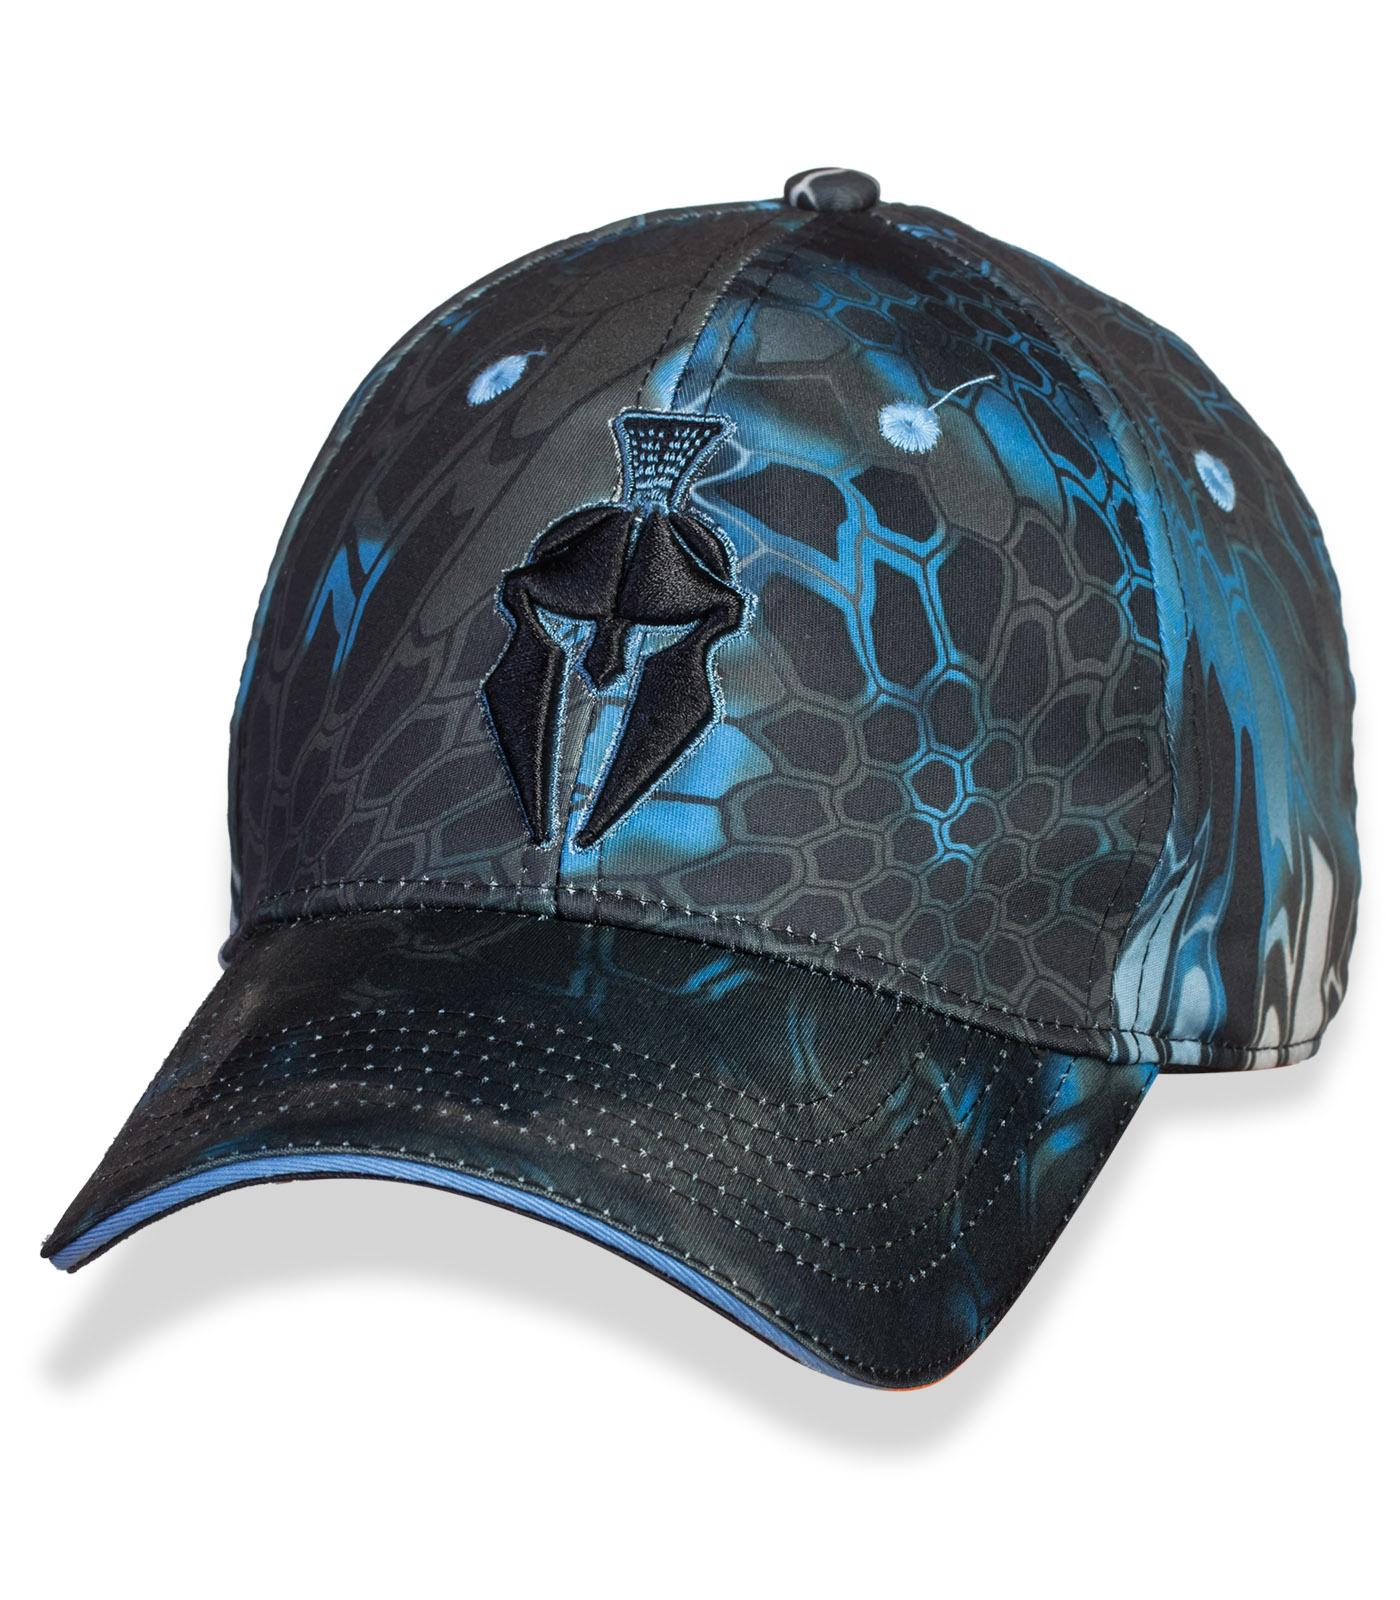 Купить армейскую кепку камуфляж с доставкой